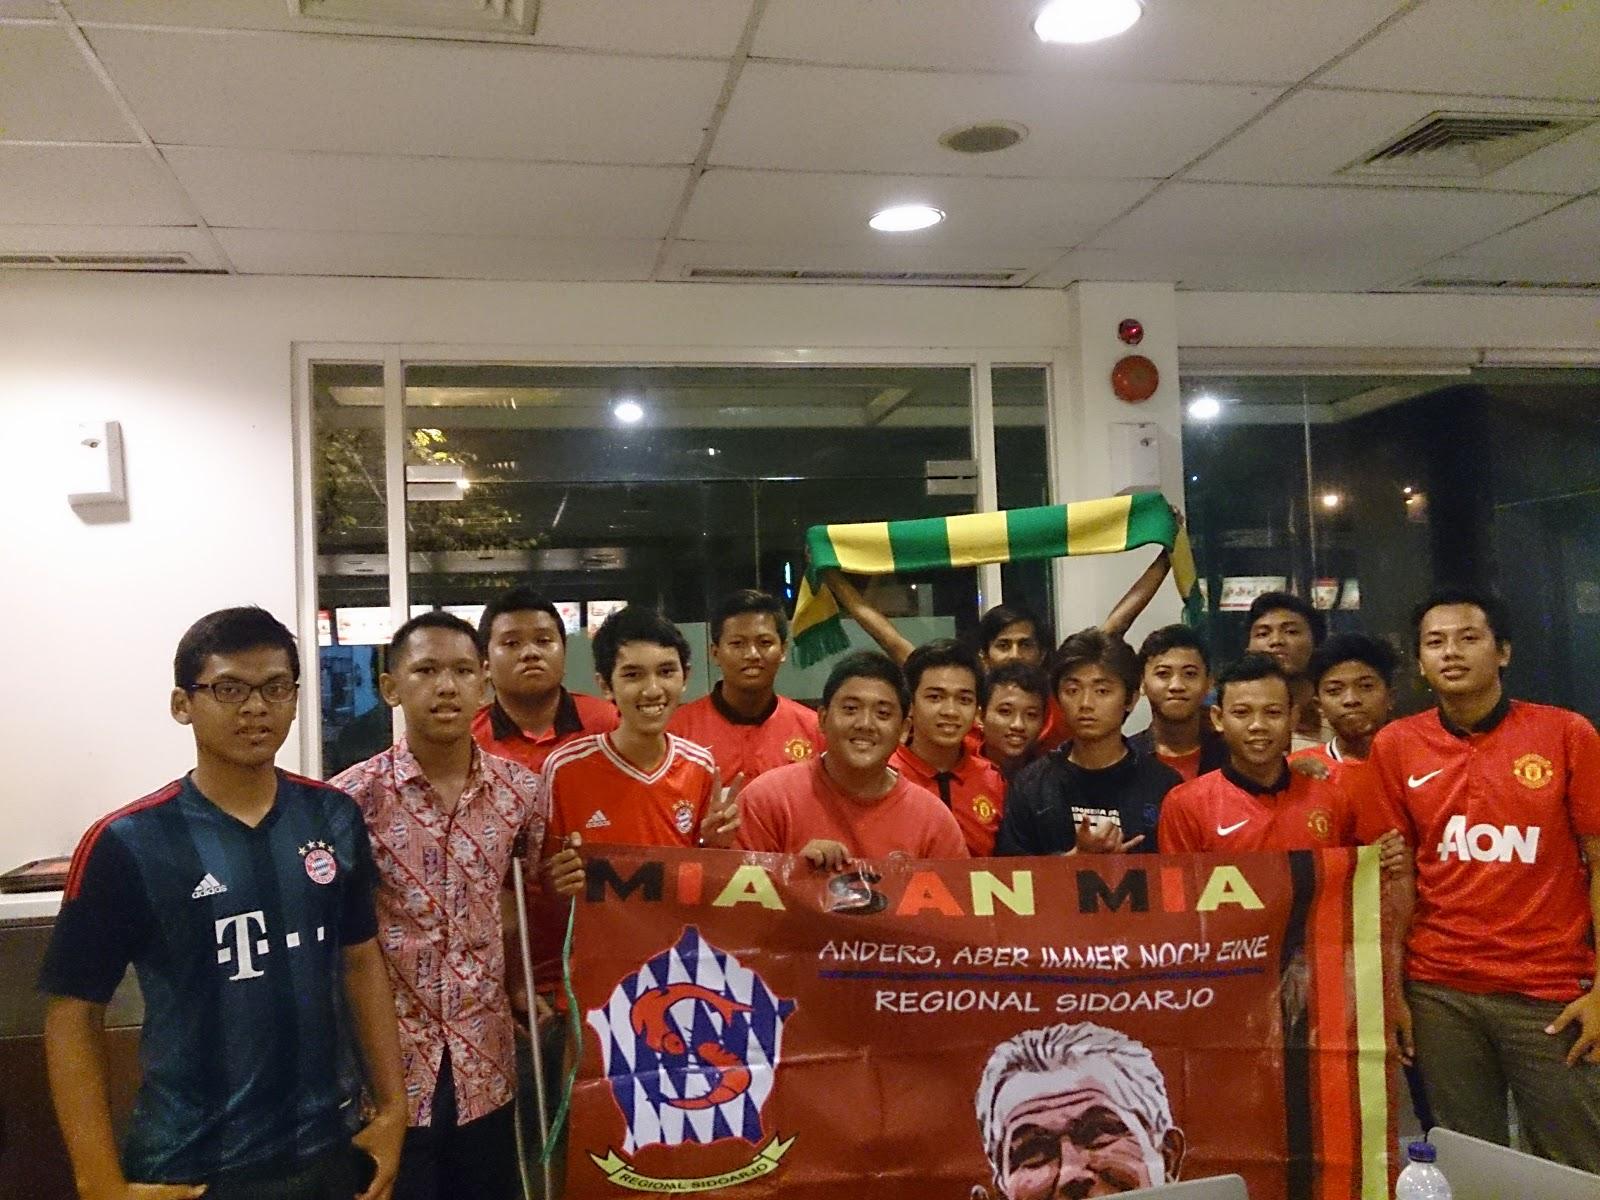 United Indonesia Sidoarjo